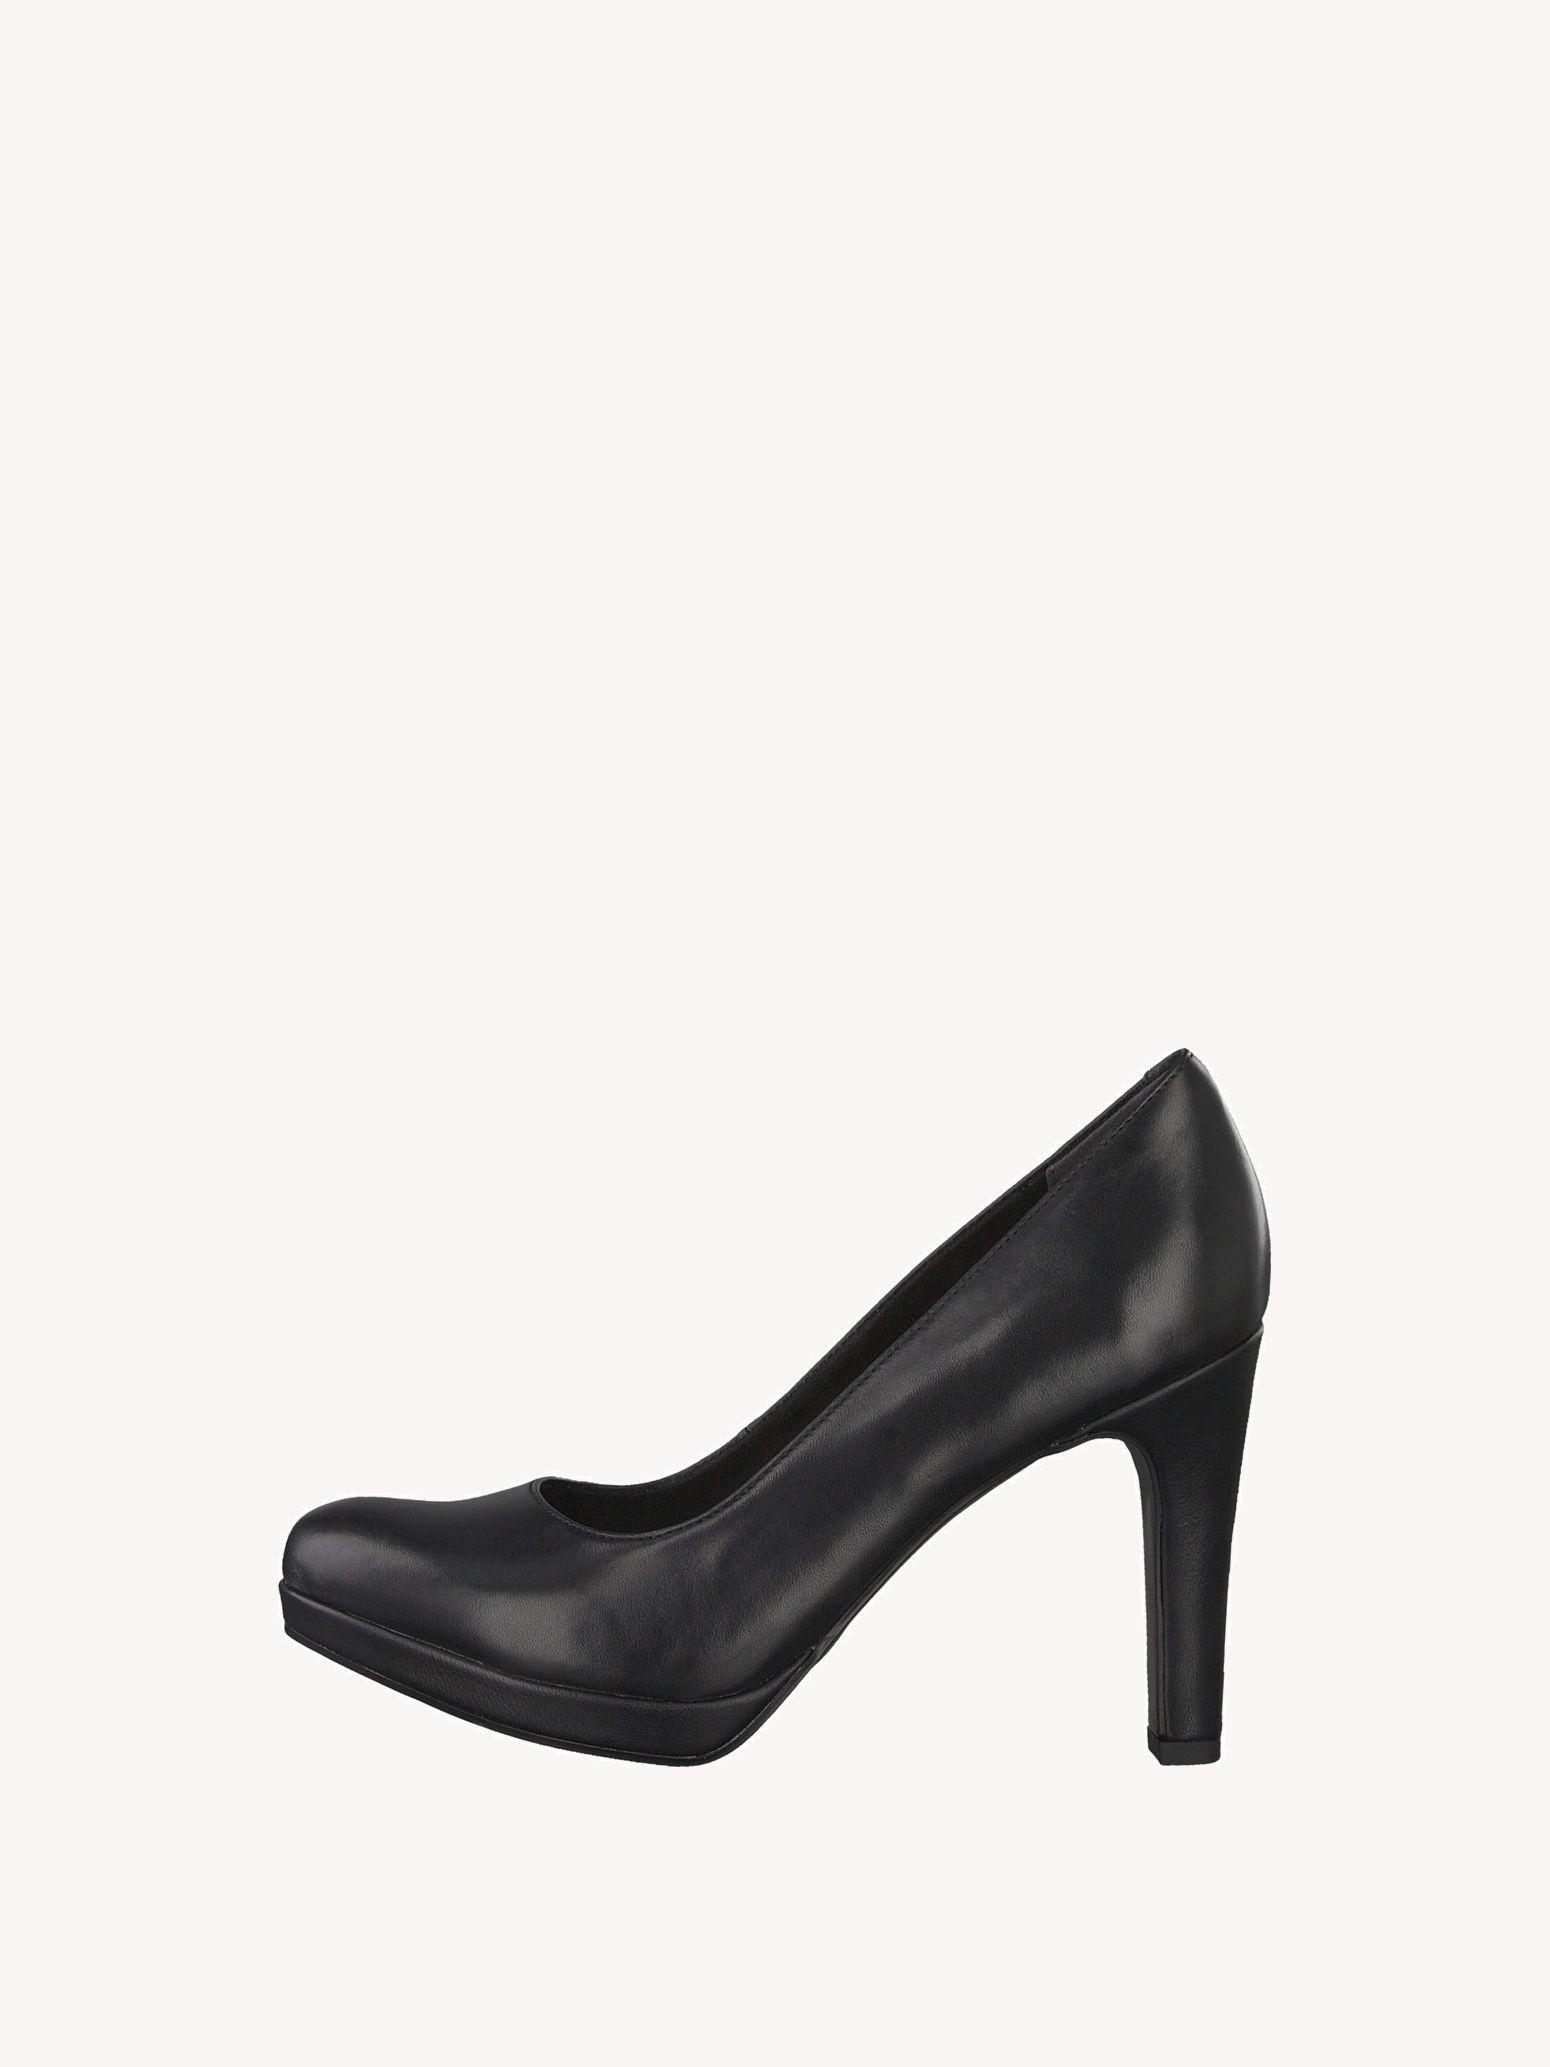 Tamaris »Lycoris« High Heel Pumps im femininen Look online